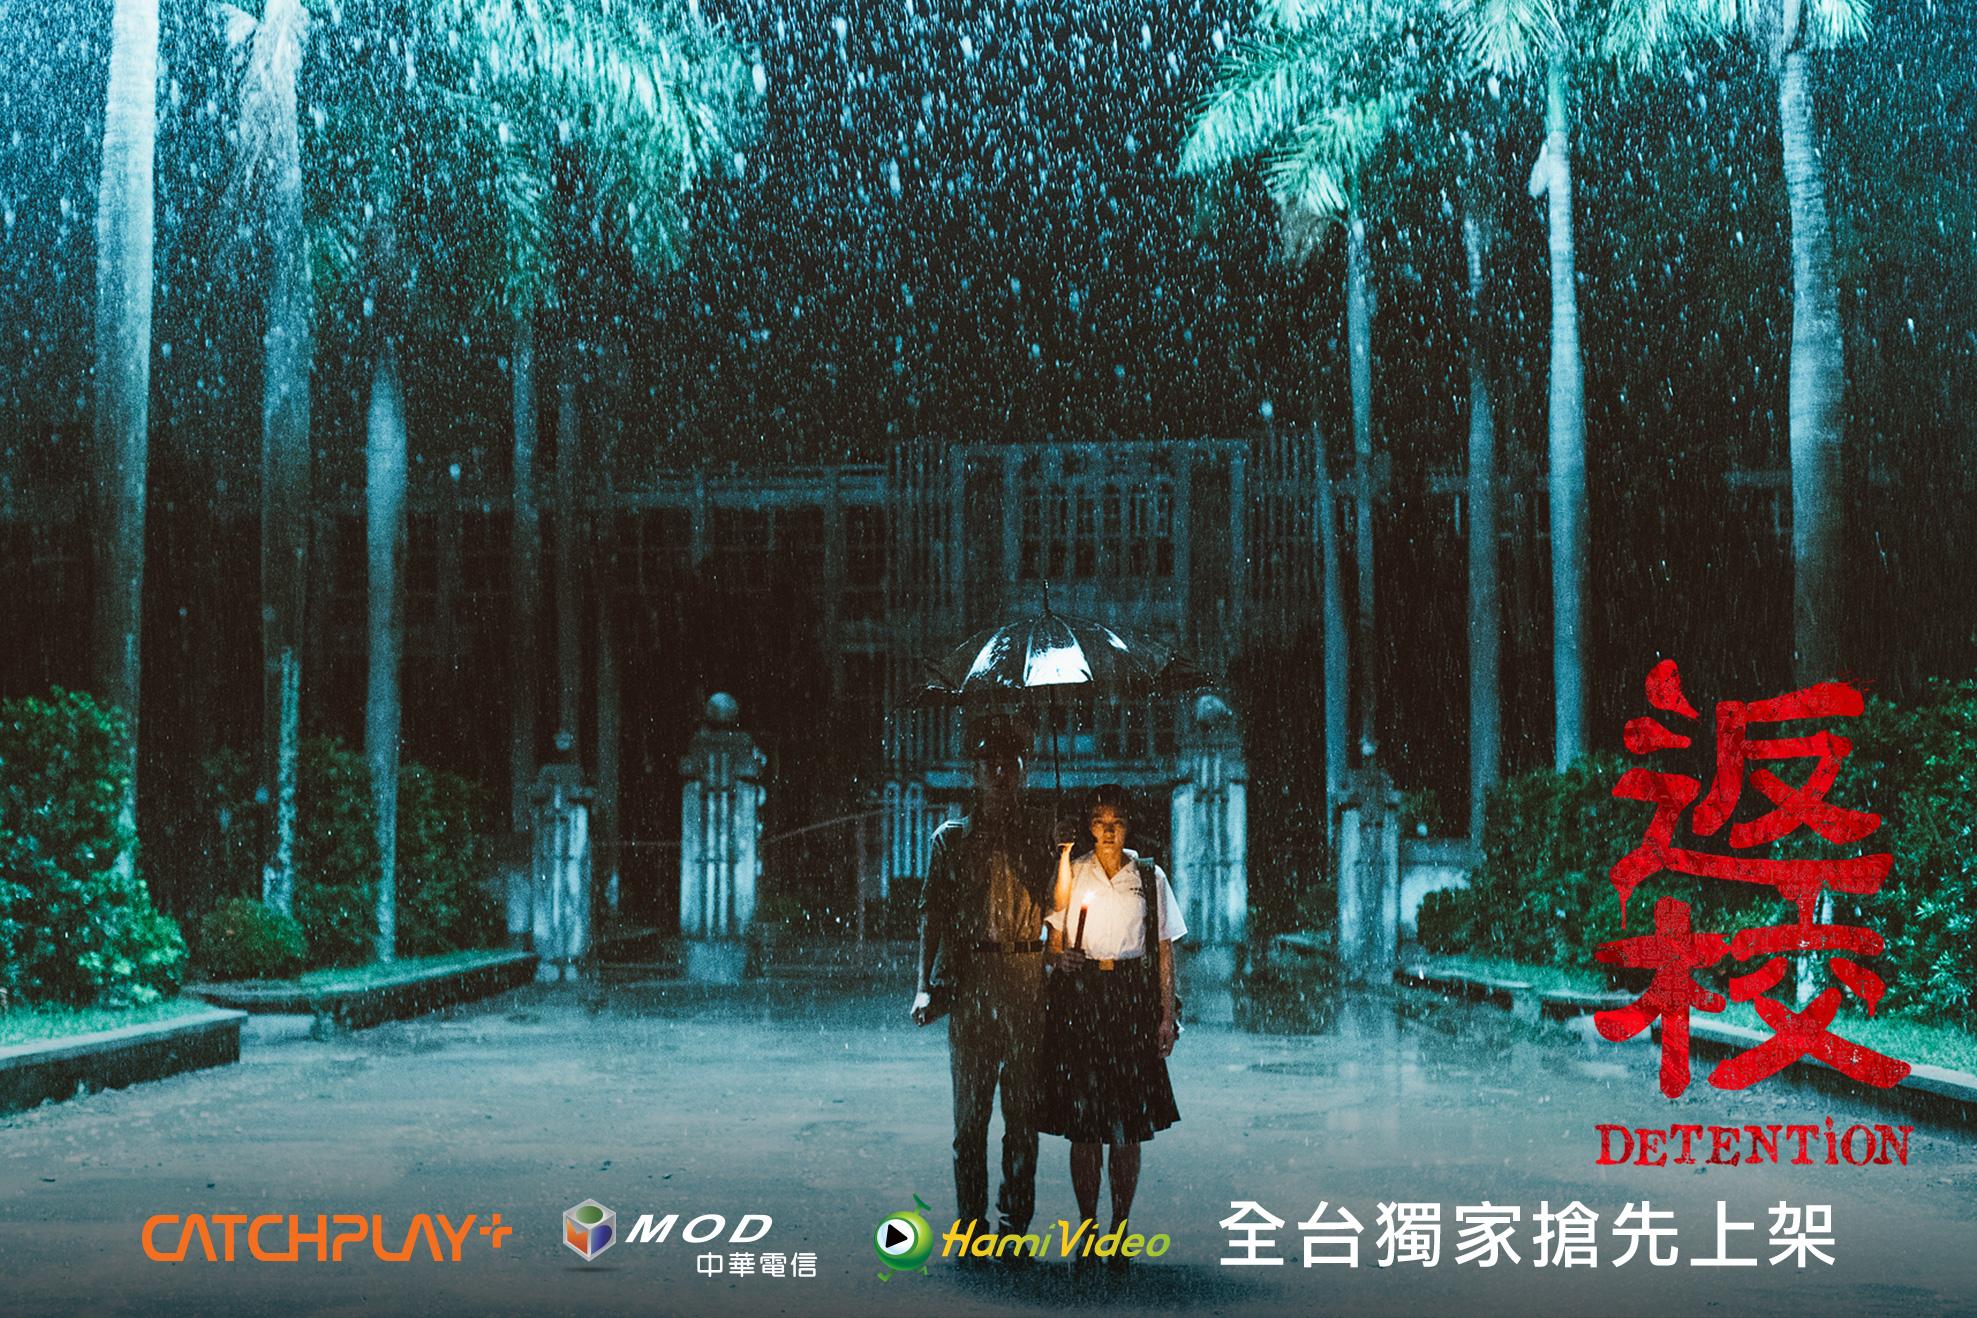 《返校》CATCHPLAY+、中華電信聯手 1月15日 獨家搶先上架